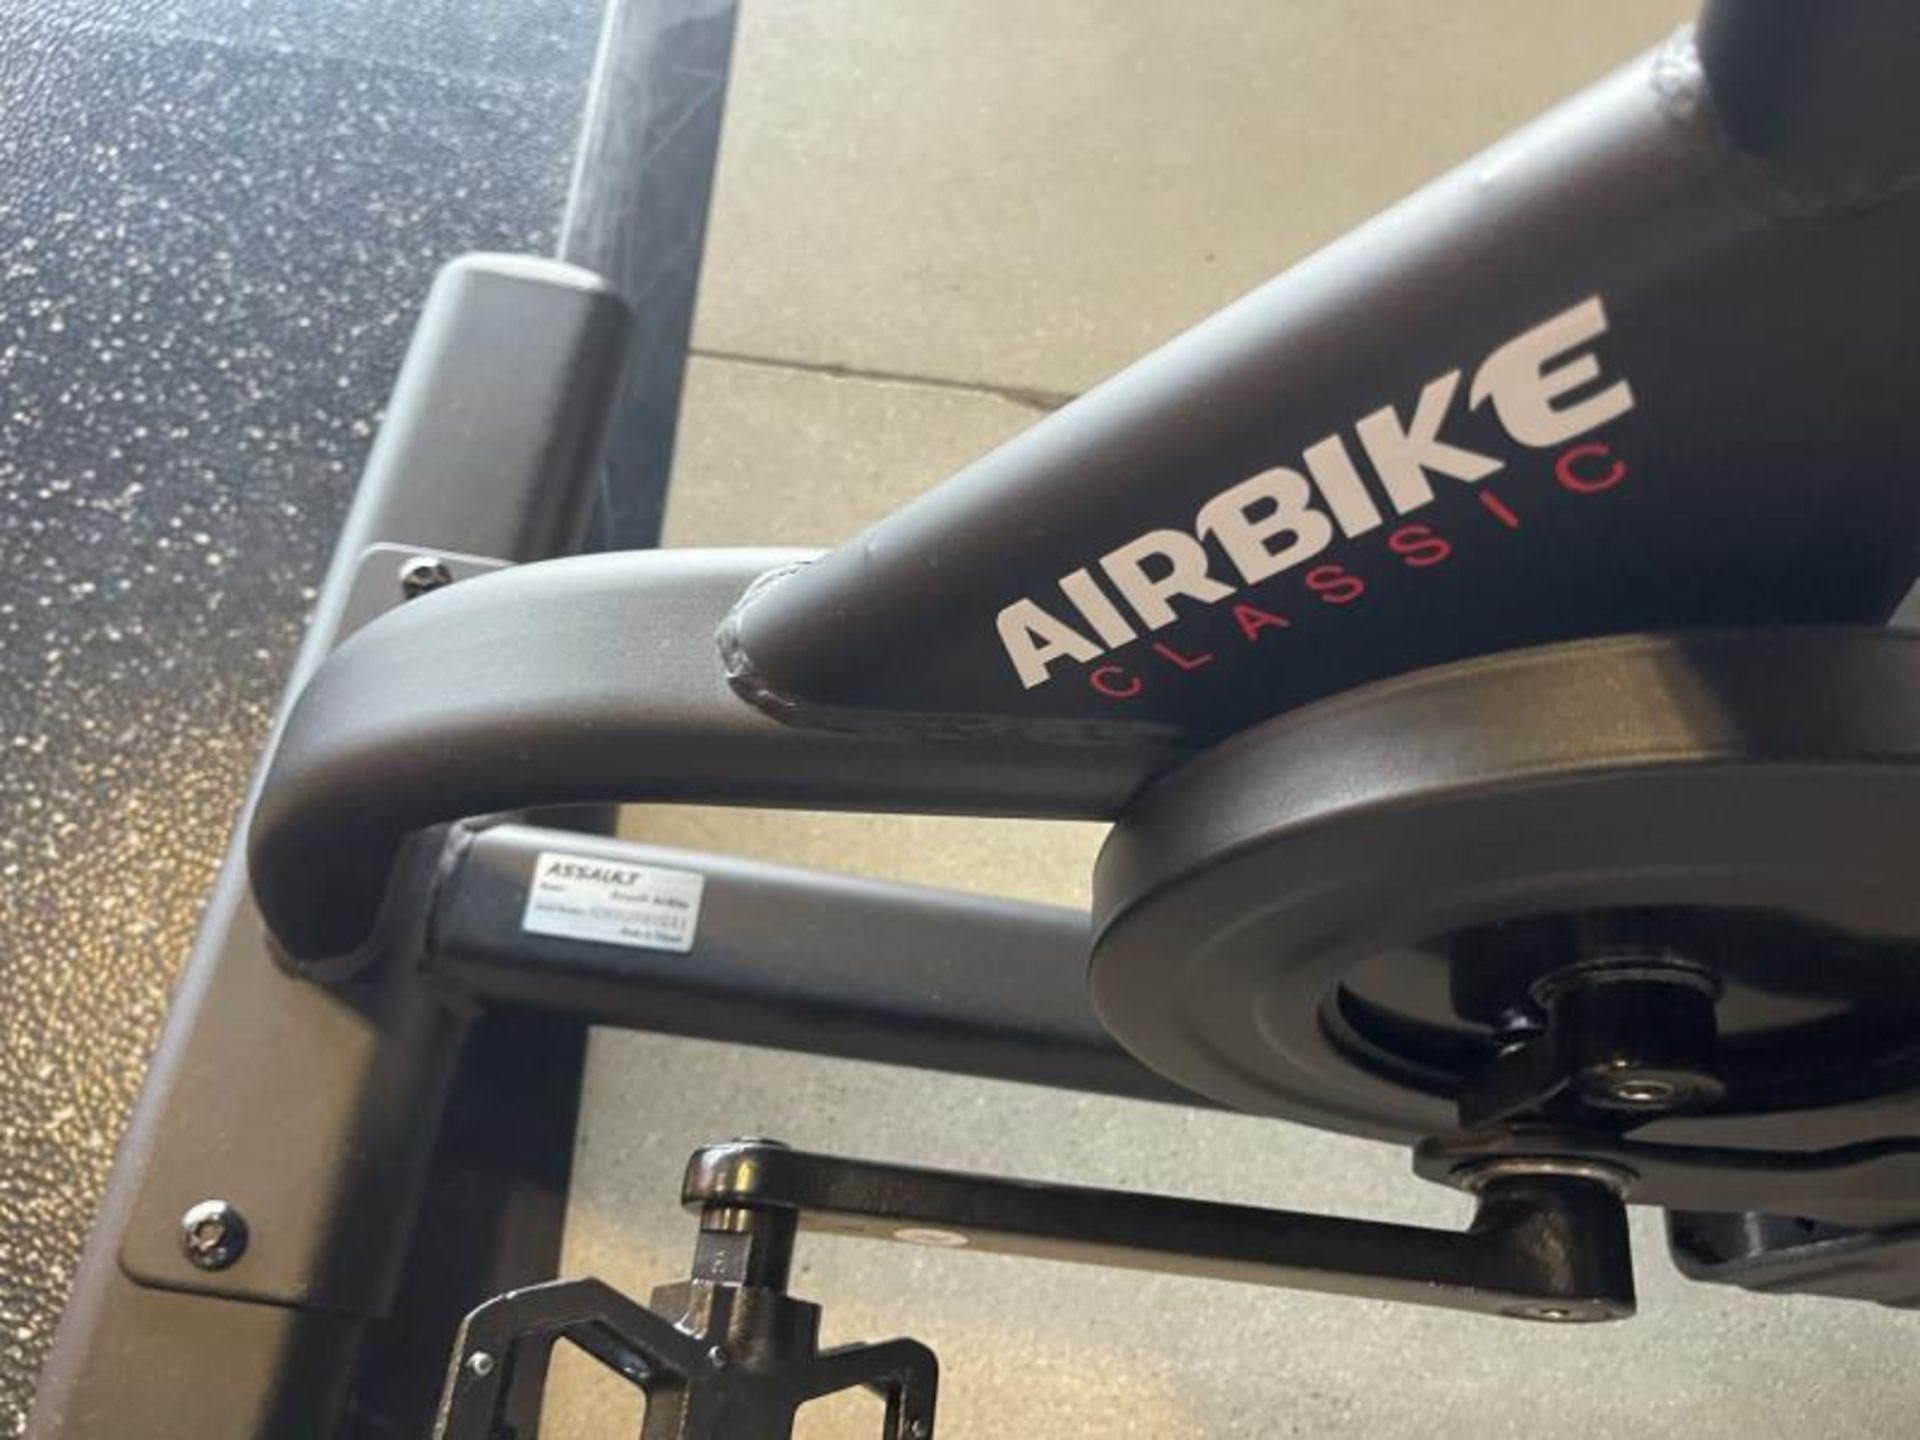 Assault Fitness Air Bike M: ASSAULTAIRBIKE - Image 2 of 6